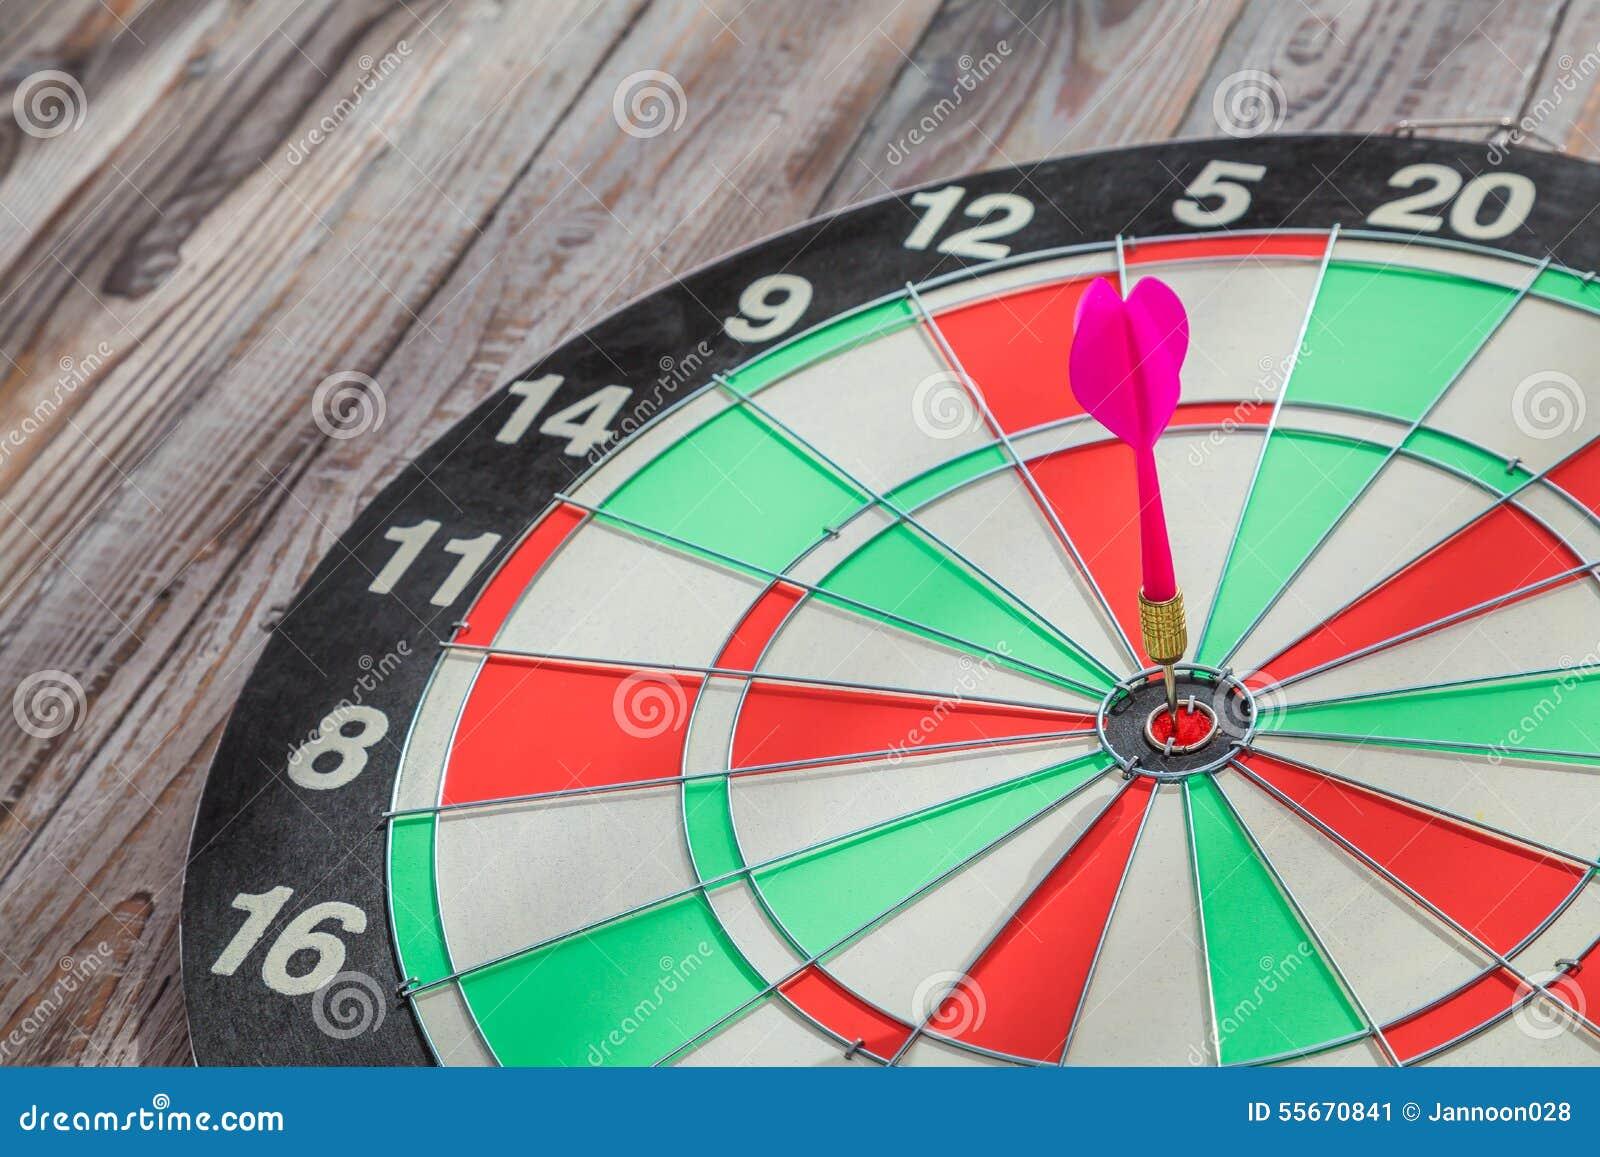 Dartboard (Darts Hit Target) Stock Image   CartoonDealer